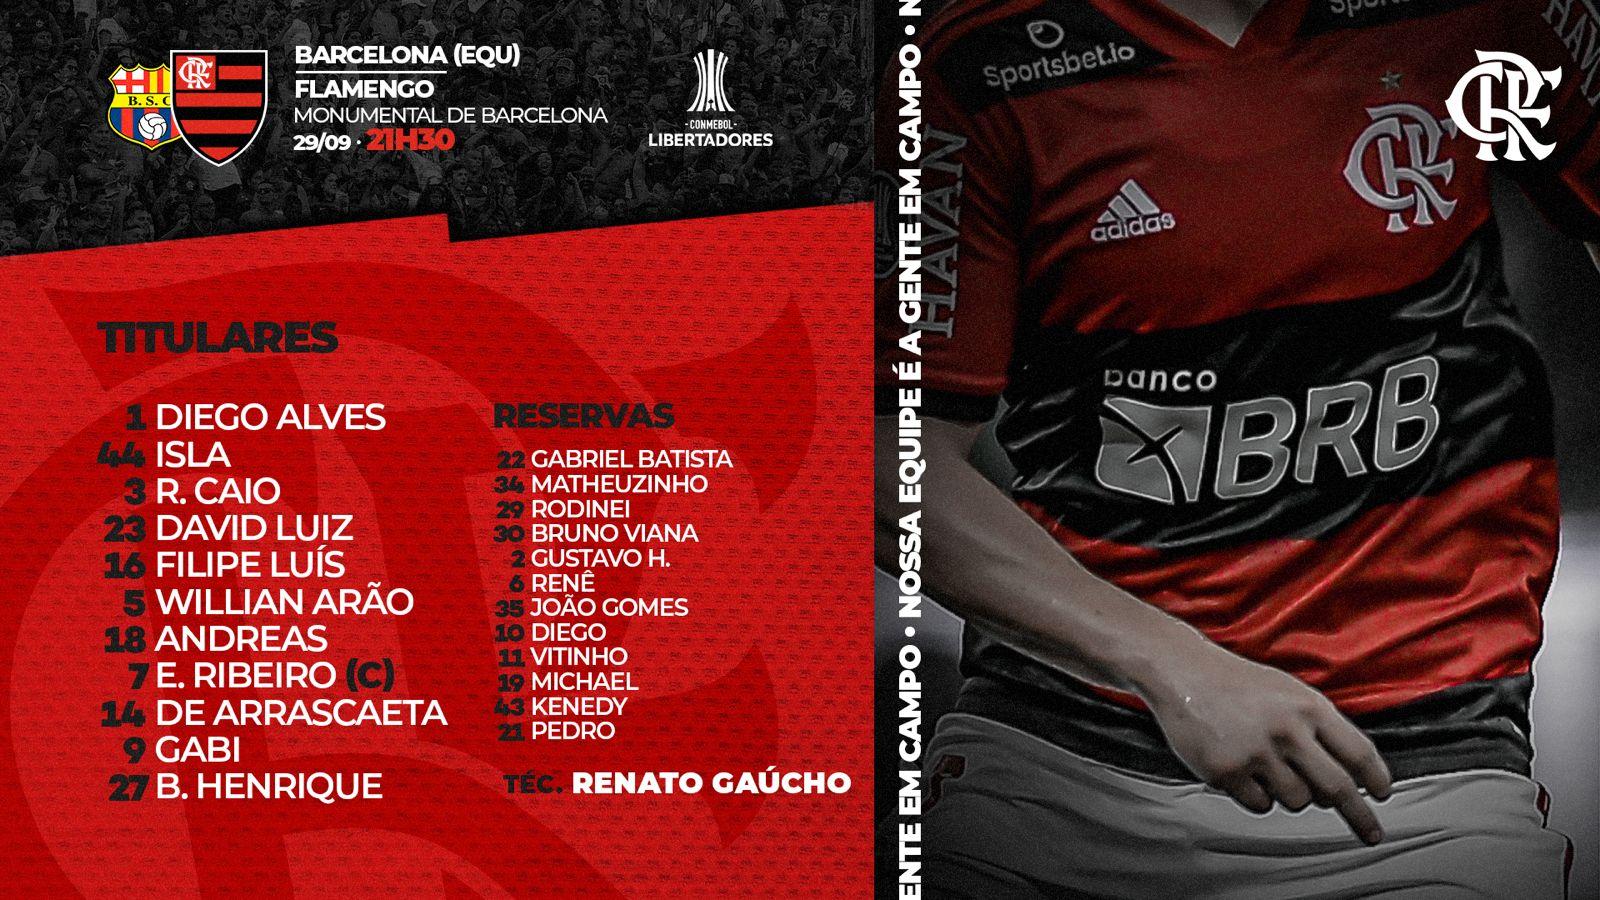 Flamengo escalado para pegar o Barcelona-EQU pela semifinal da Libertadores